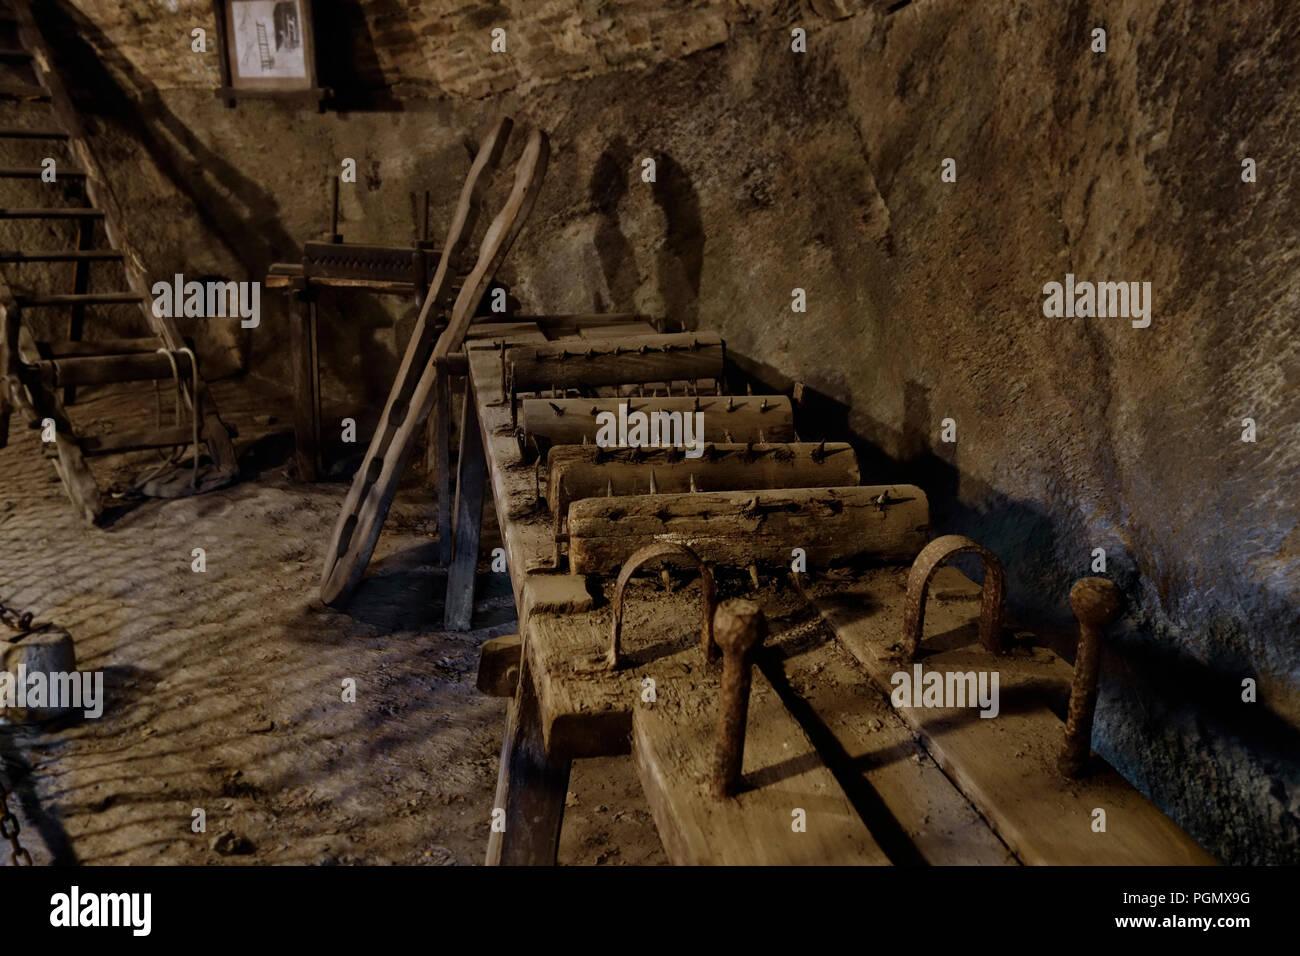 8bce664c1 Medieval torture instruments / wooden torture rack in the Château de  Bouillon Castle, Luxembourg Province